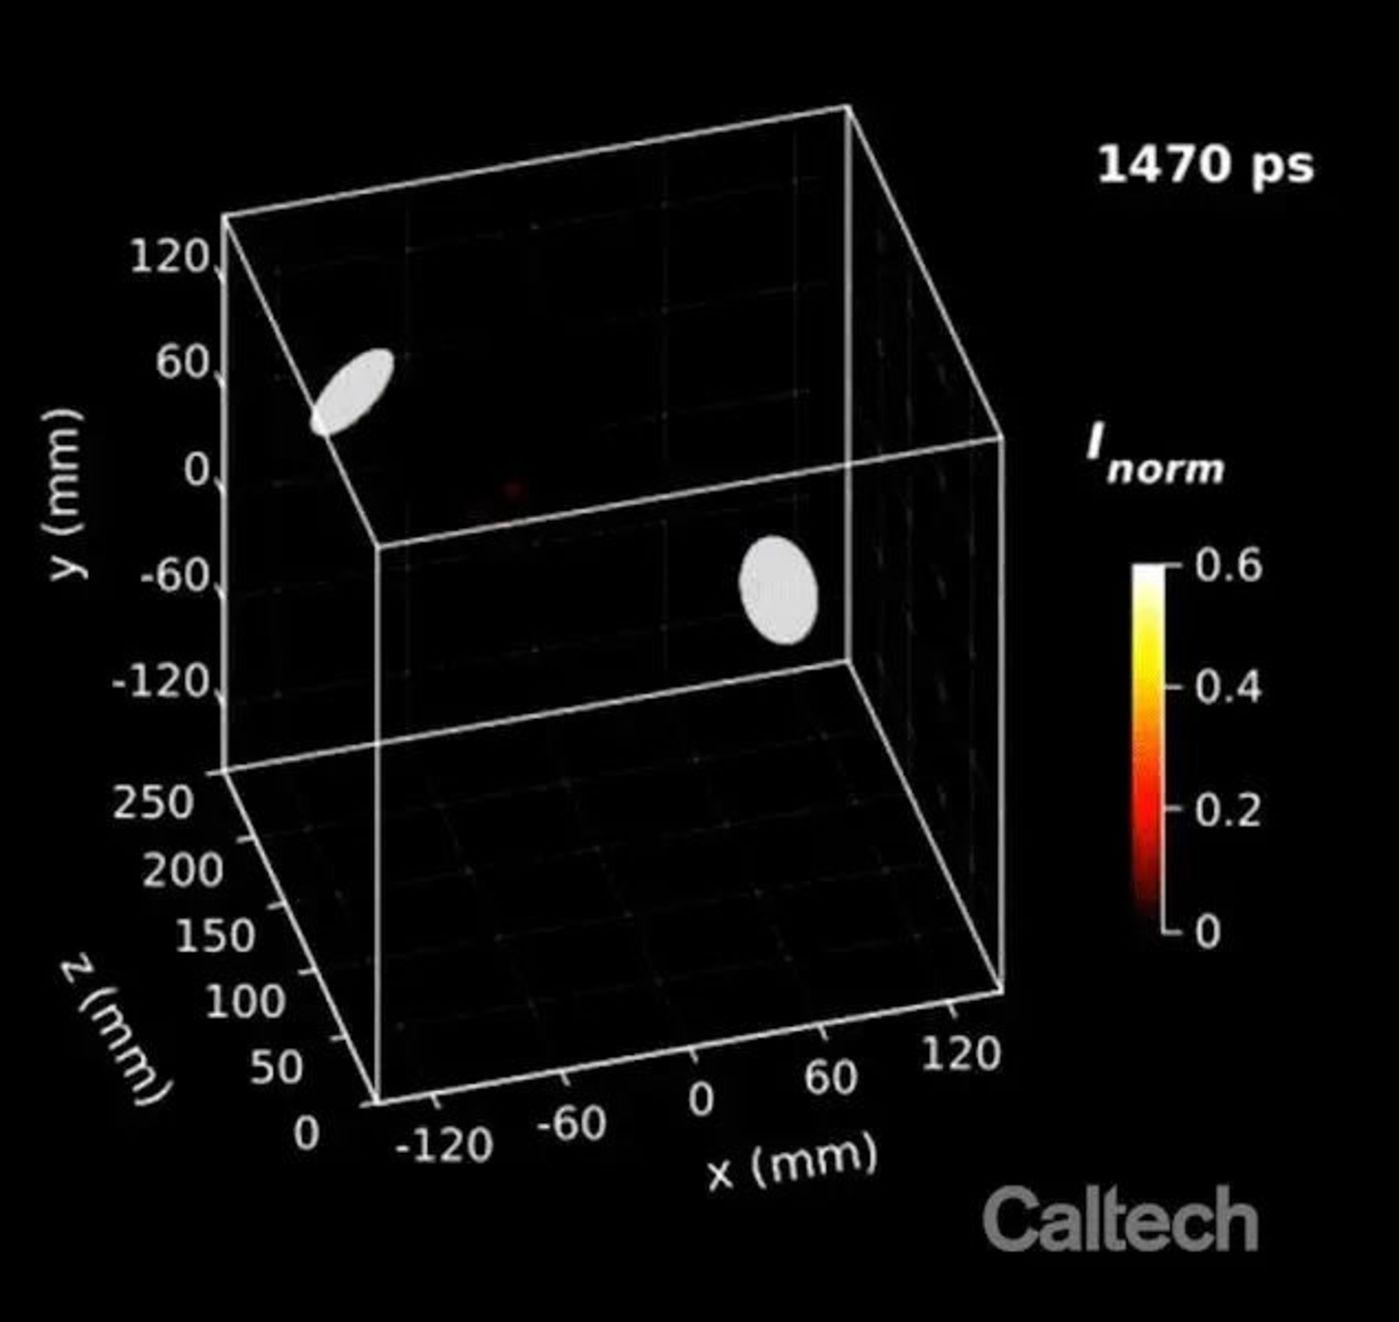 图|3D 视频显示激光脉冲穿过激光散射介质并从反射表面反射回来(来源:加州理工学院)